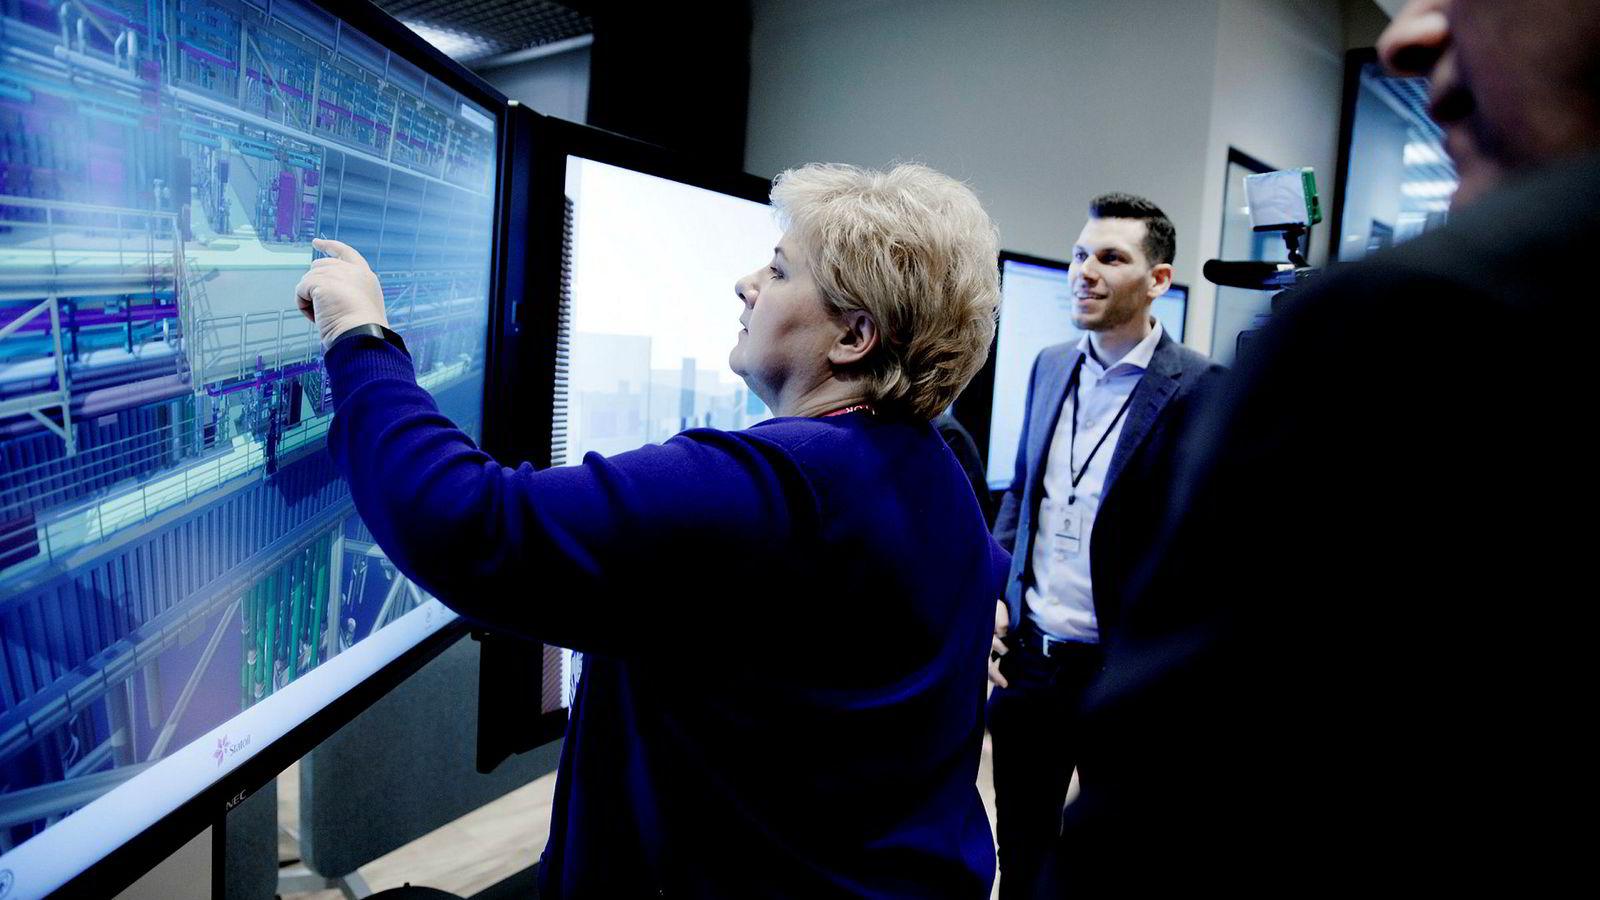 Statsminister Erna Solberg besøkte Statoils teknologi-laboratorium på Sandsli utenfor Bergen onsdag. Her er hun på en digital offshoretur, fra Bergen til Gina Krog-plattformen i Nordsjøen. Til høyre digitaliseringsleder Florian Schuchert i Statoil.